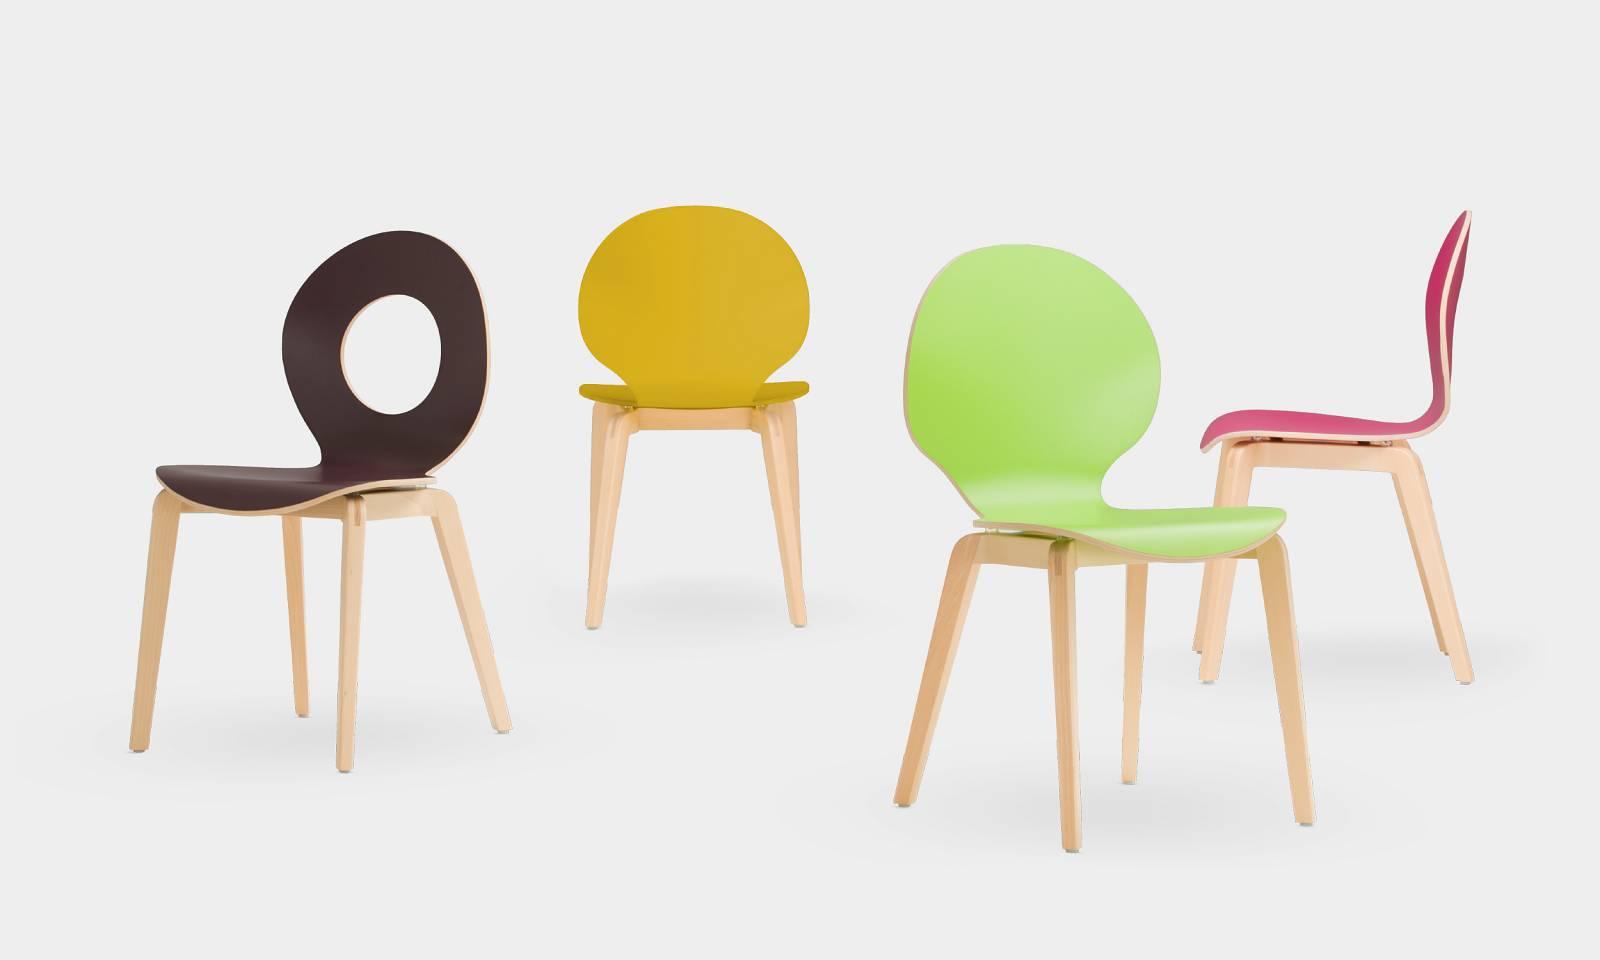 Chaises CAFE LGW pied bois massif et coques arrondies ajourées ou pleines sur Carnoux